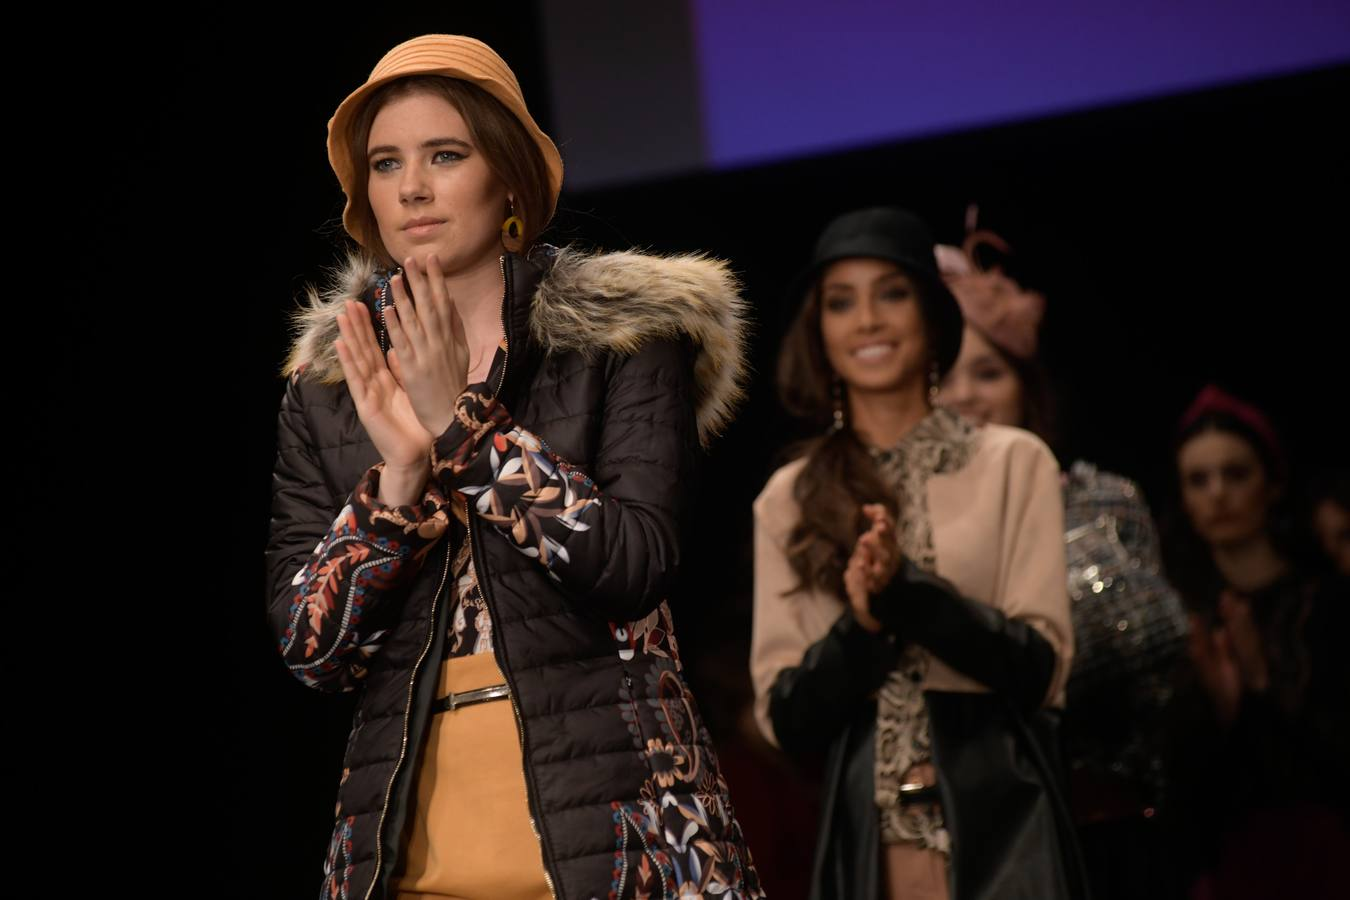 VI Semana de la Moda de Valladolid en el LAVA